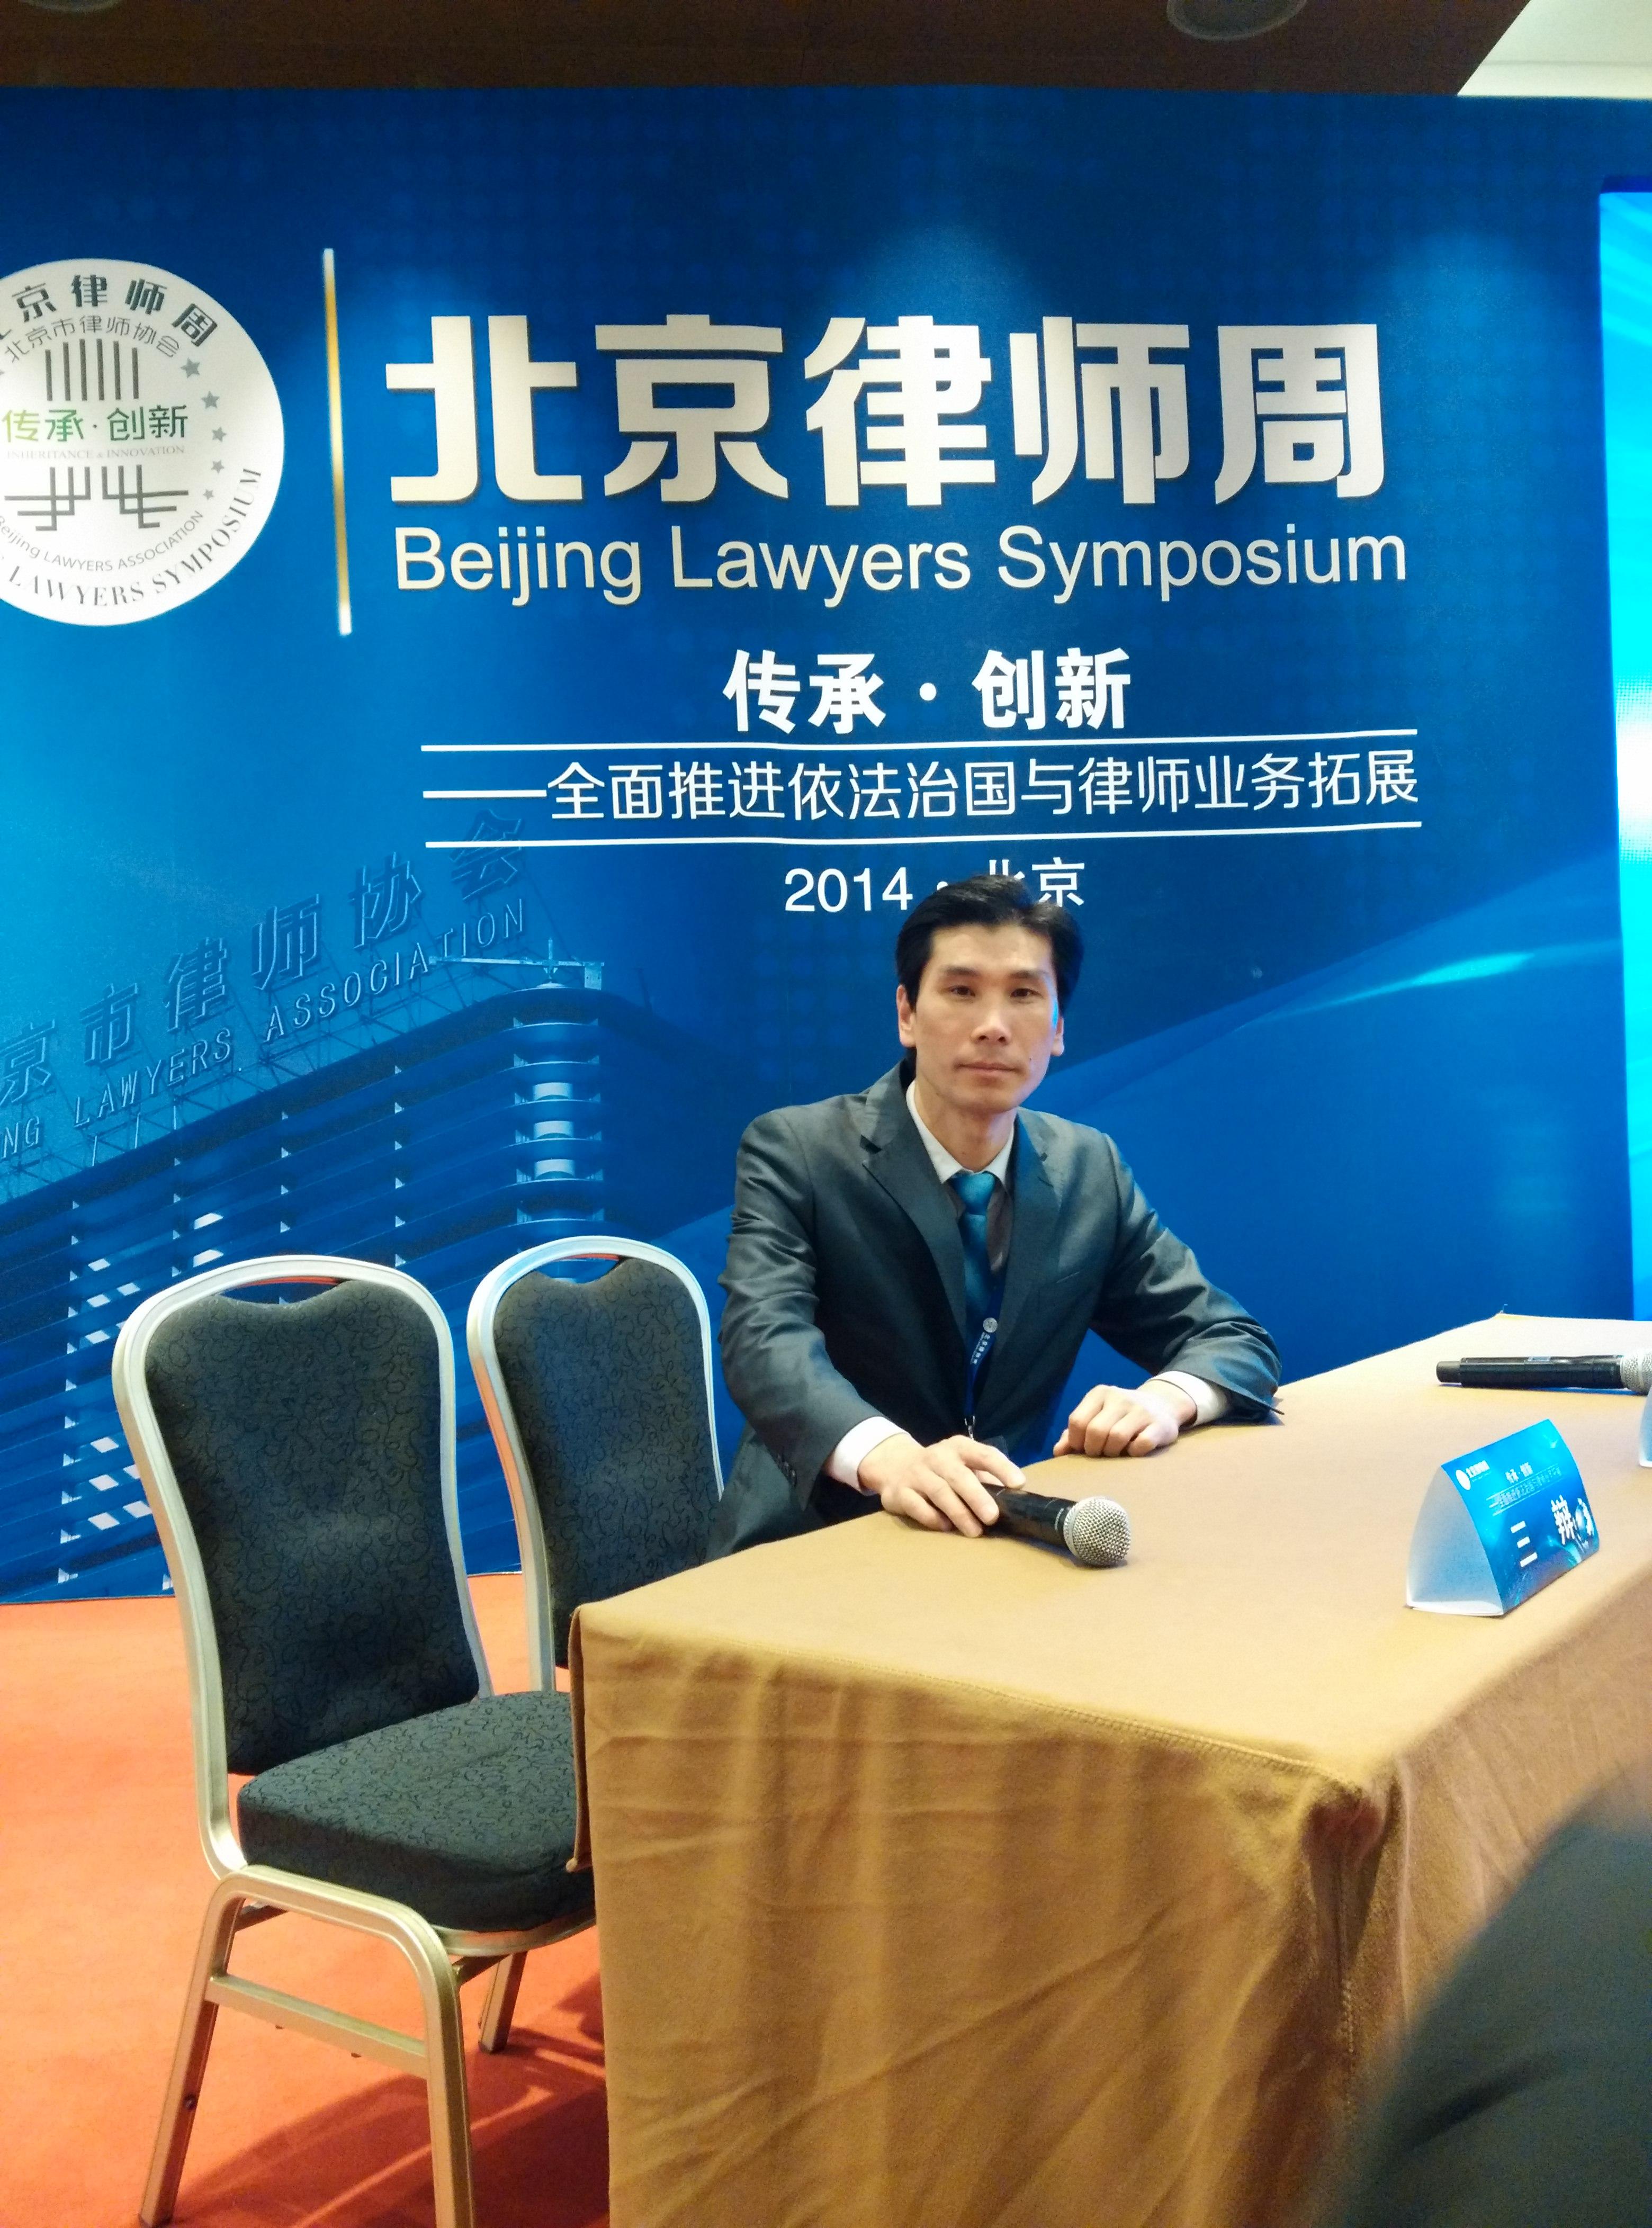 北京青年律师辨论大赛